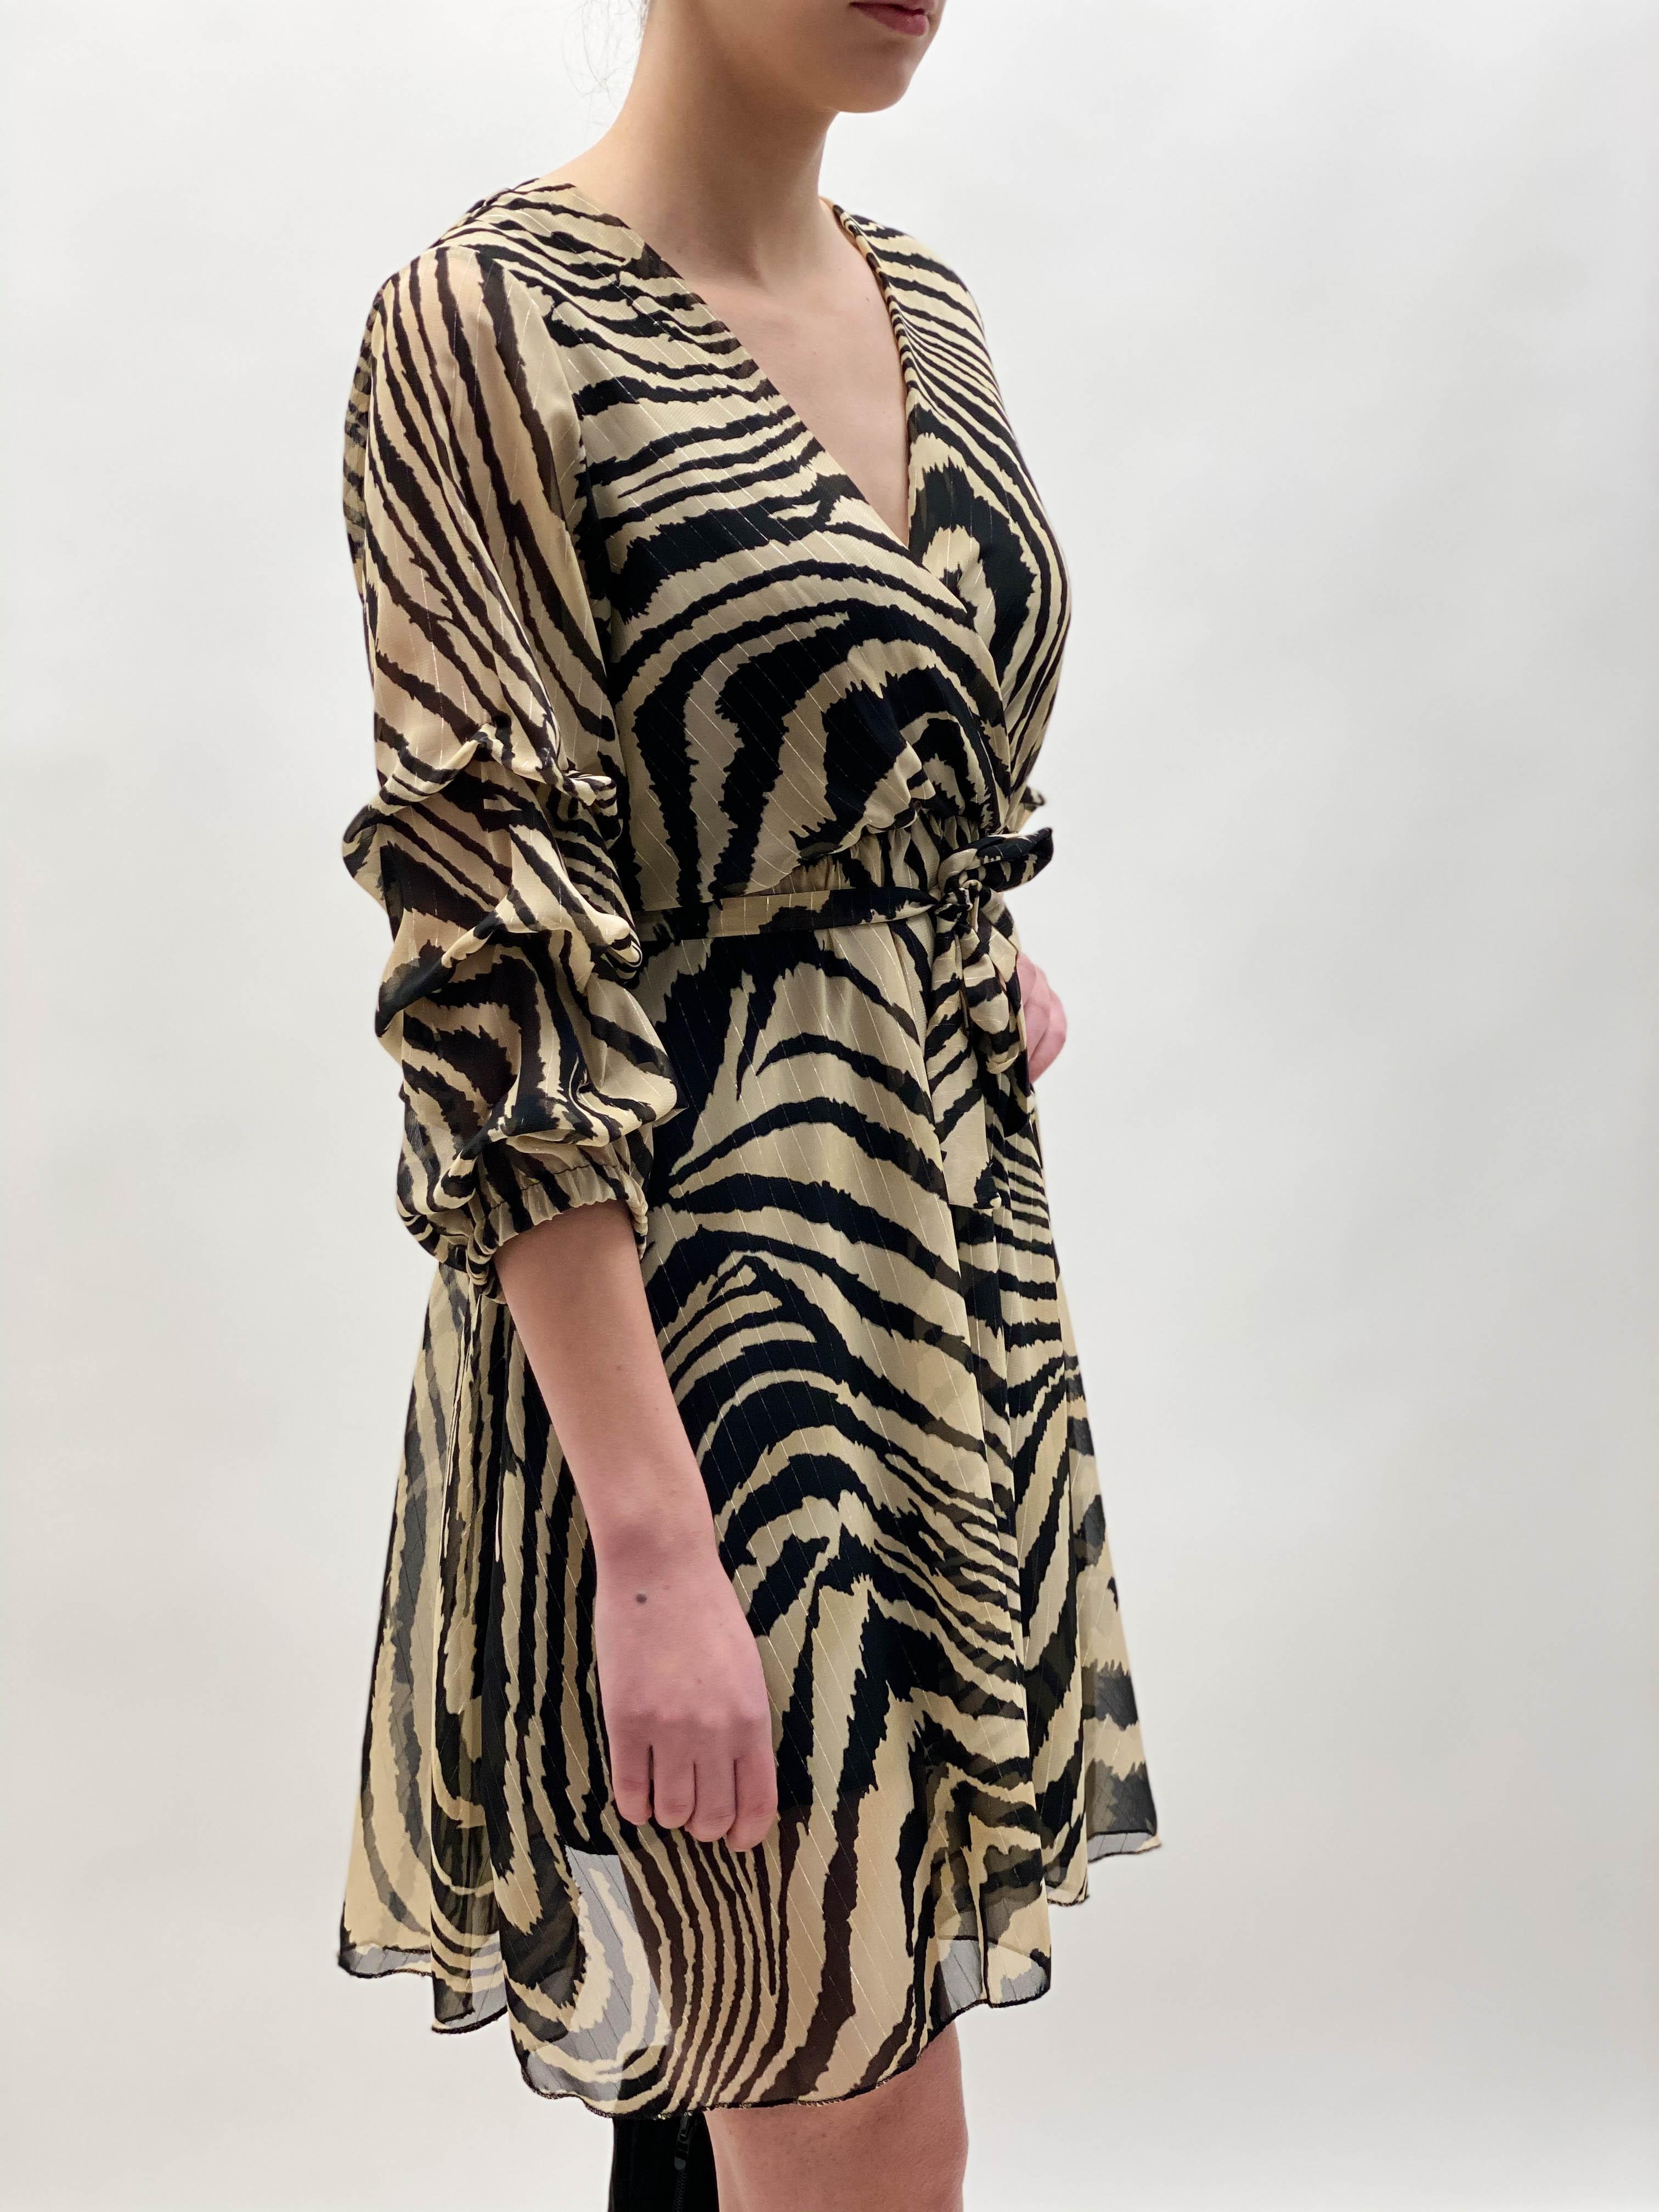 Kleid Zebra Chiffon